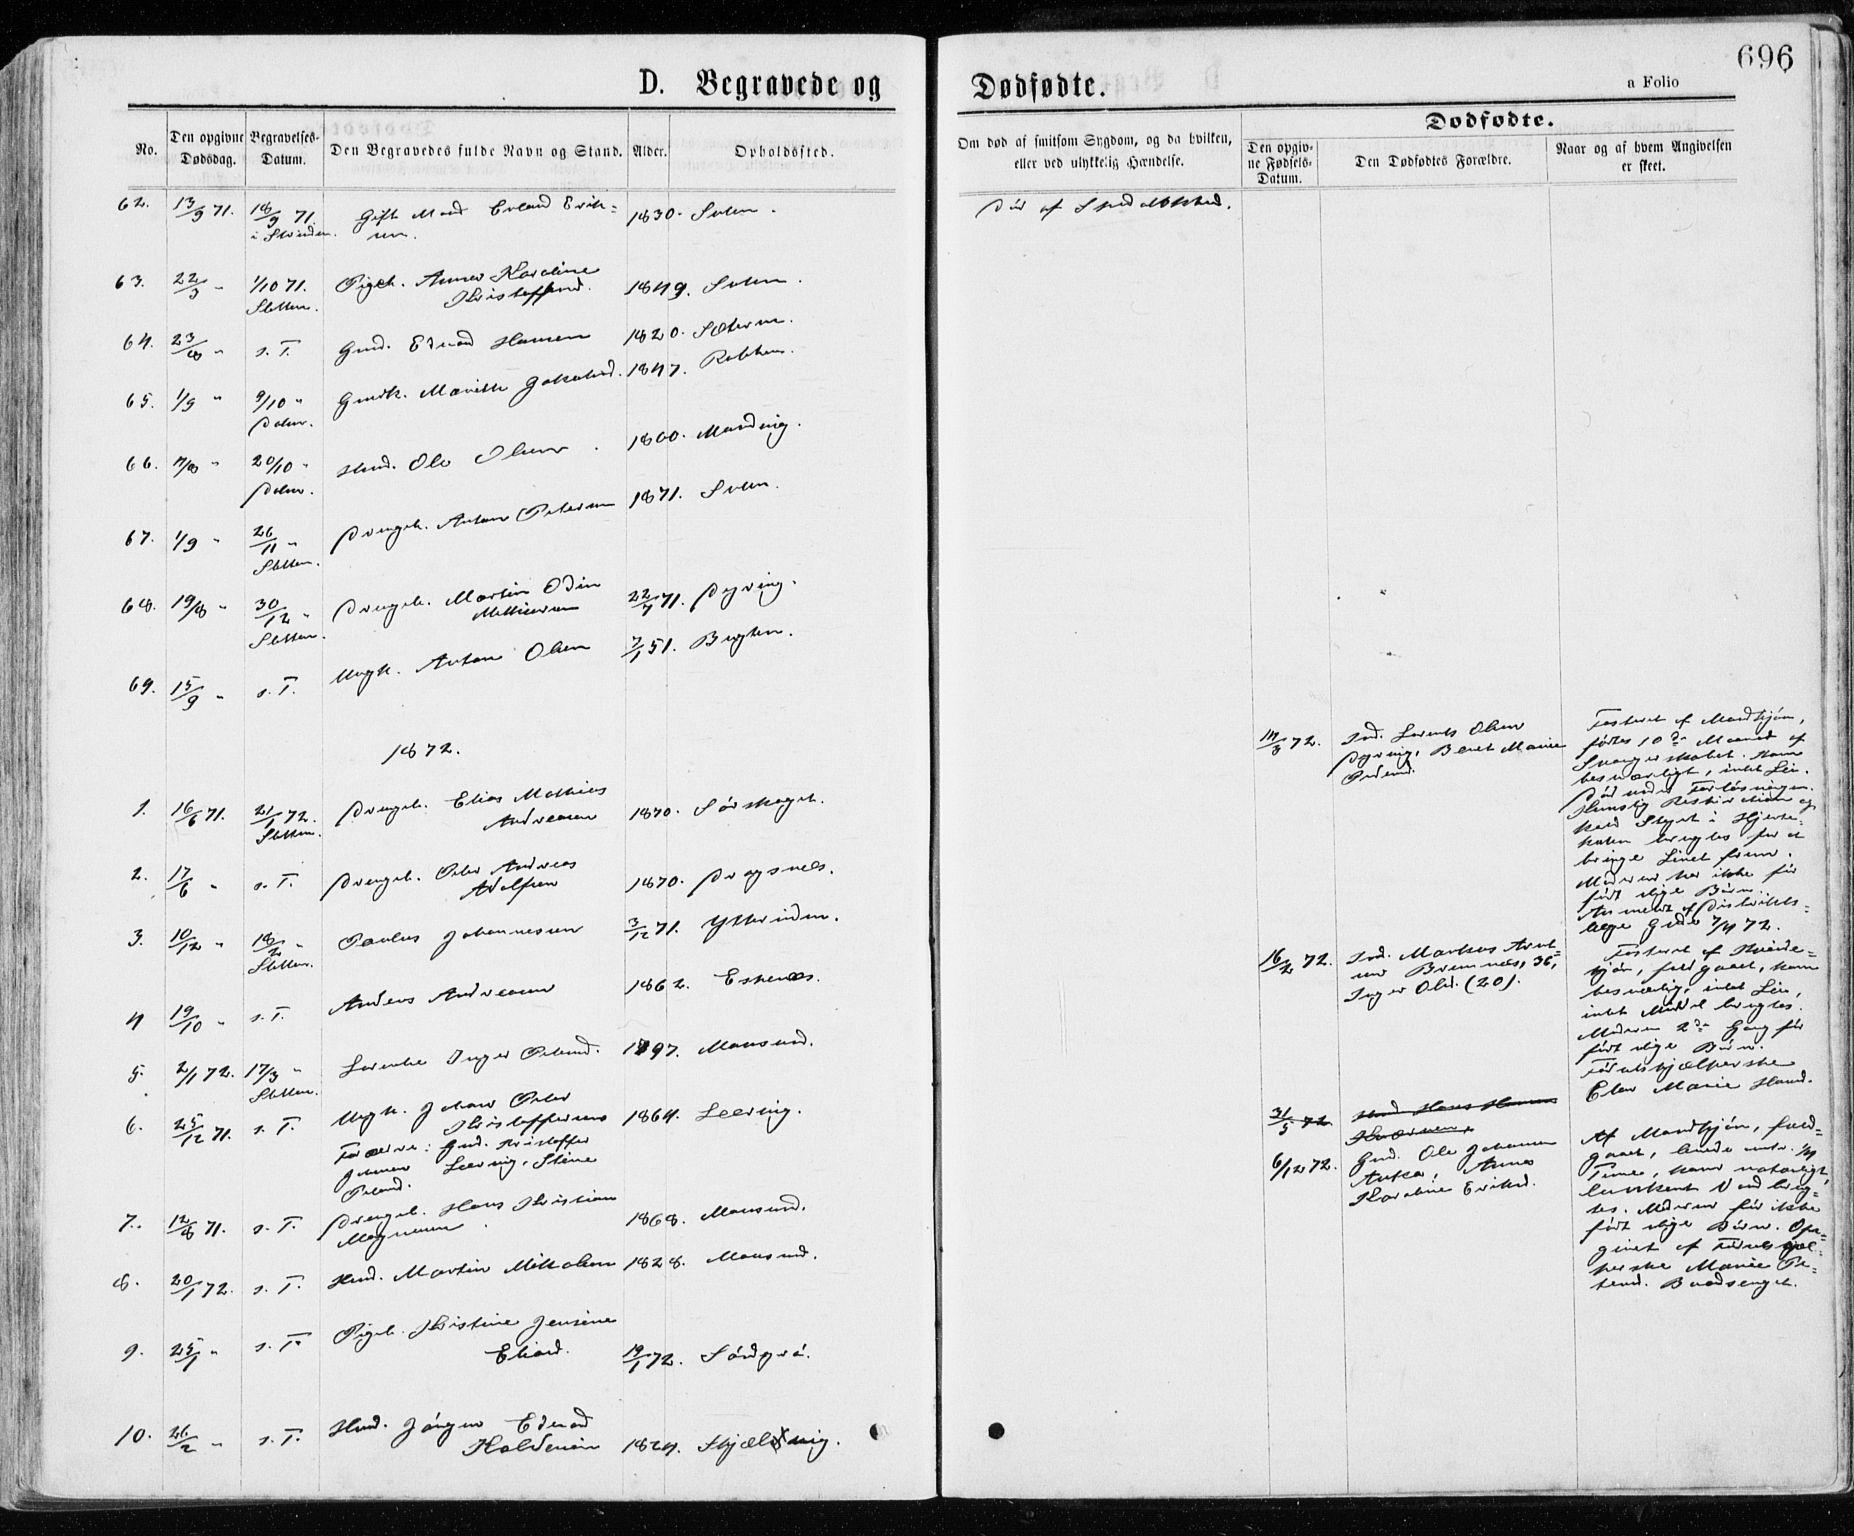 SAT, Ministerialprotokoller, klokkerbøker og fødselsregistre - Sør-Trøndelag, 640/L0576: Ministerialbok nr. 640A01, 1846-1876, s. 696